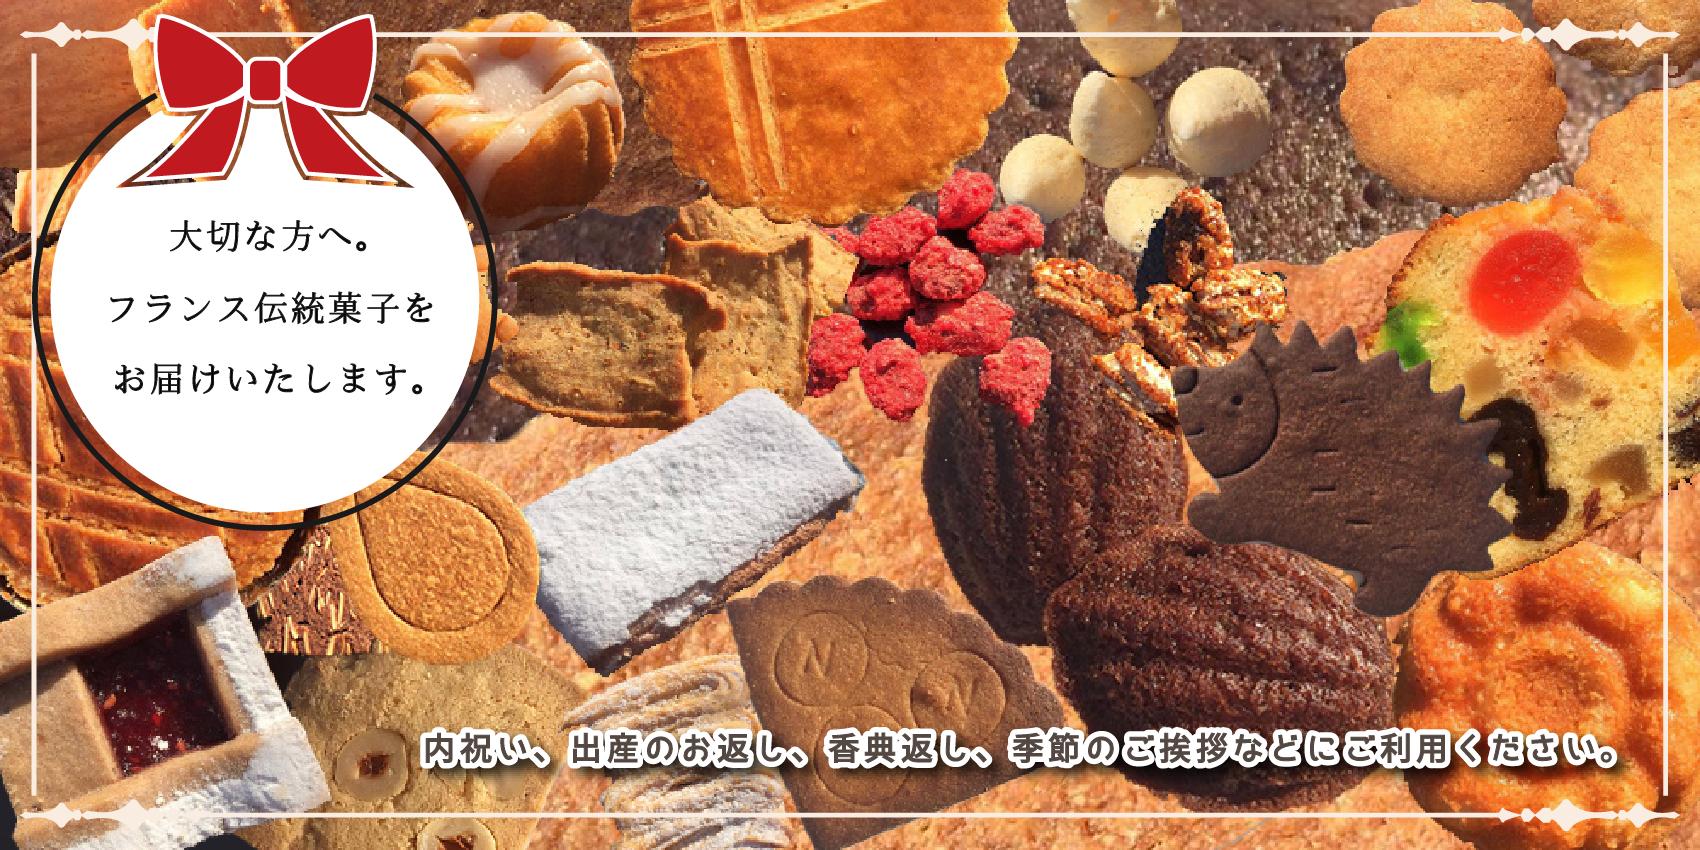 大切な方へ。フランス伝統菓子をお届けいたします。内祝い、出産のお返し、香典返し、季節のご挨拶などにご利用ください。